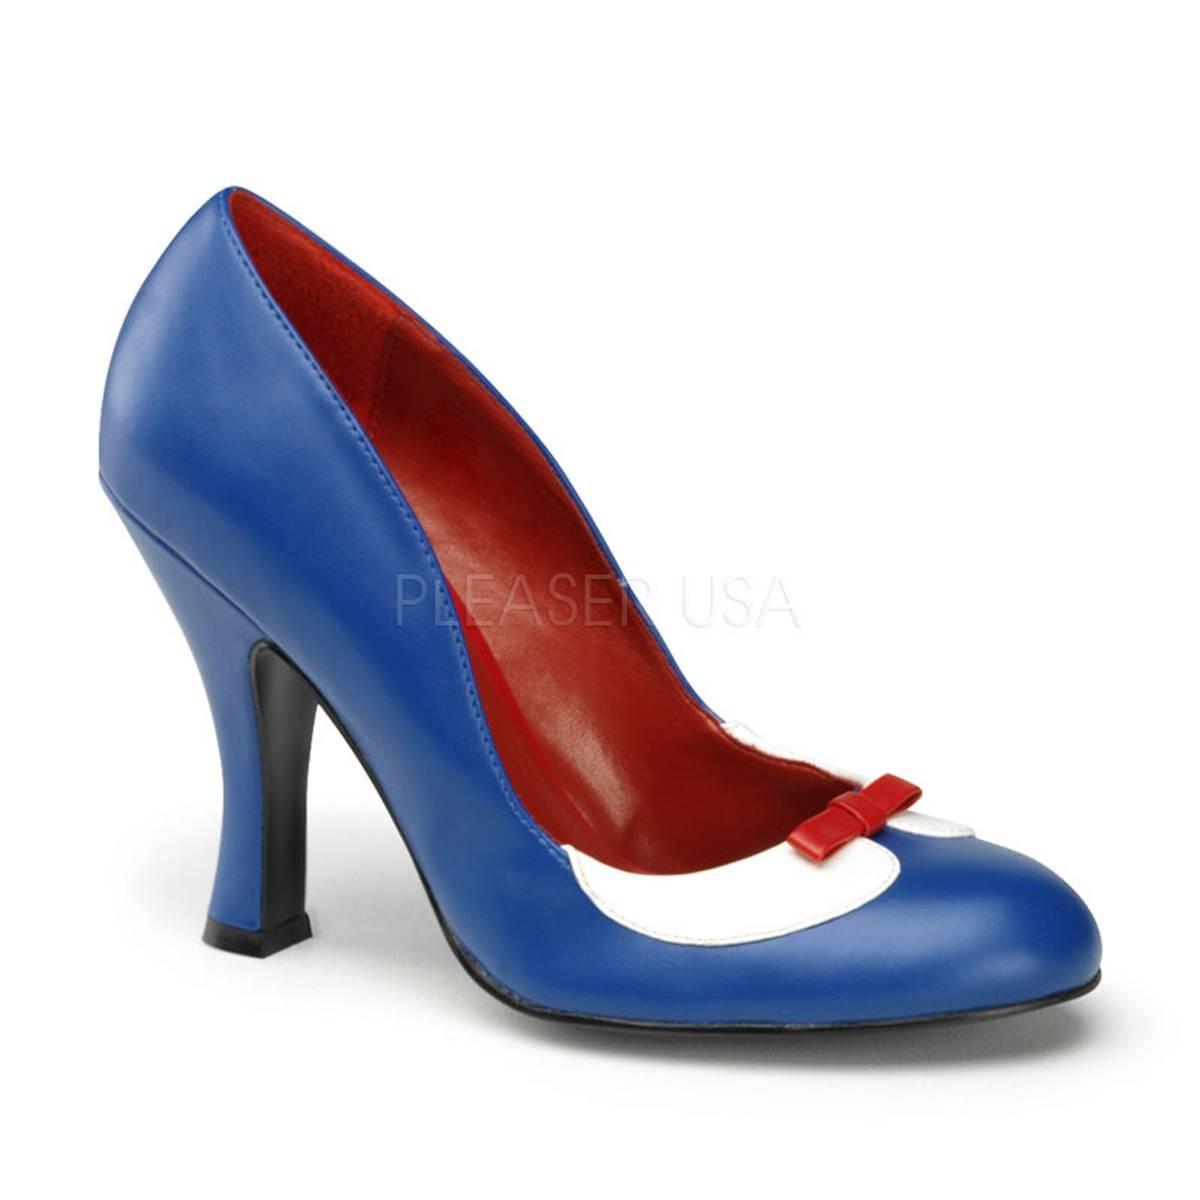 Pumps - SMITTEN 05 ° Damen Pumps ° Blau Weiß Matt ° Pin Up Couture  - Onlineshop RedSixty